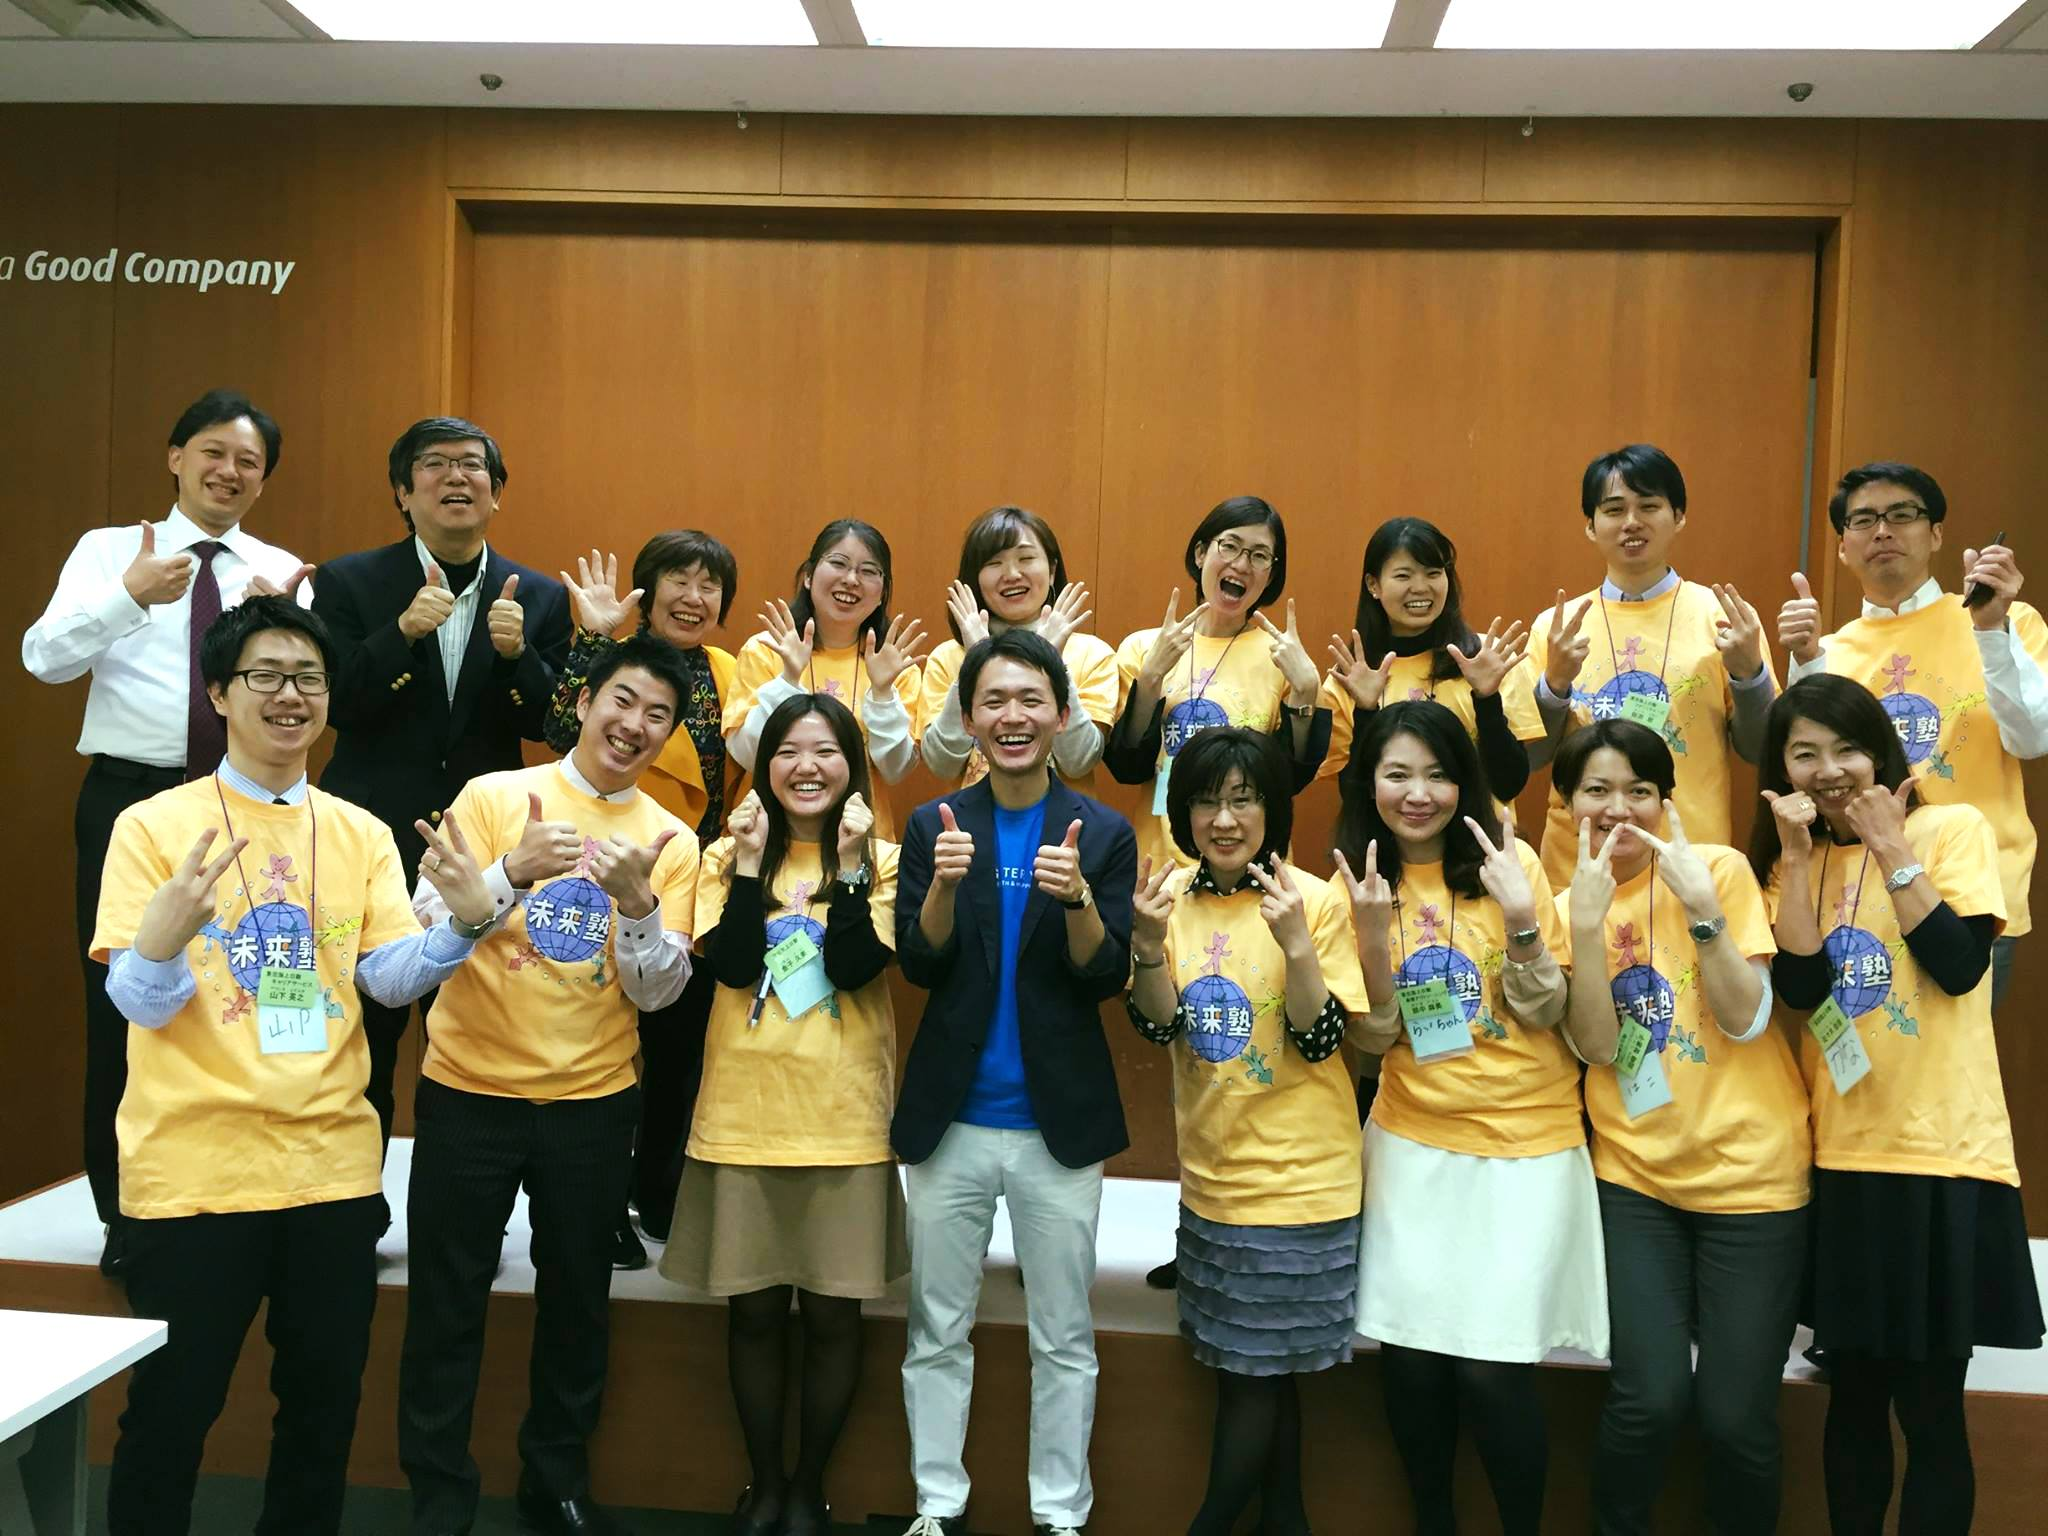 東京海上グループ 未来塾にて2回目のラフターヨガ(笑いヨガ)セミナーを開催しました。